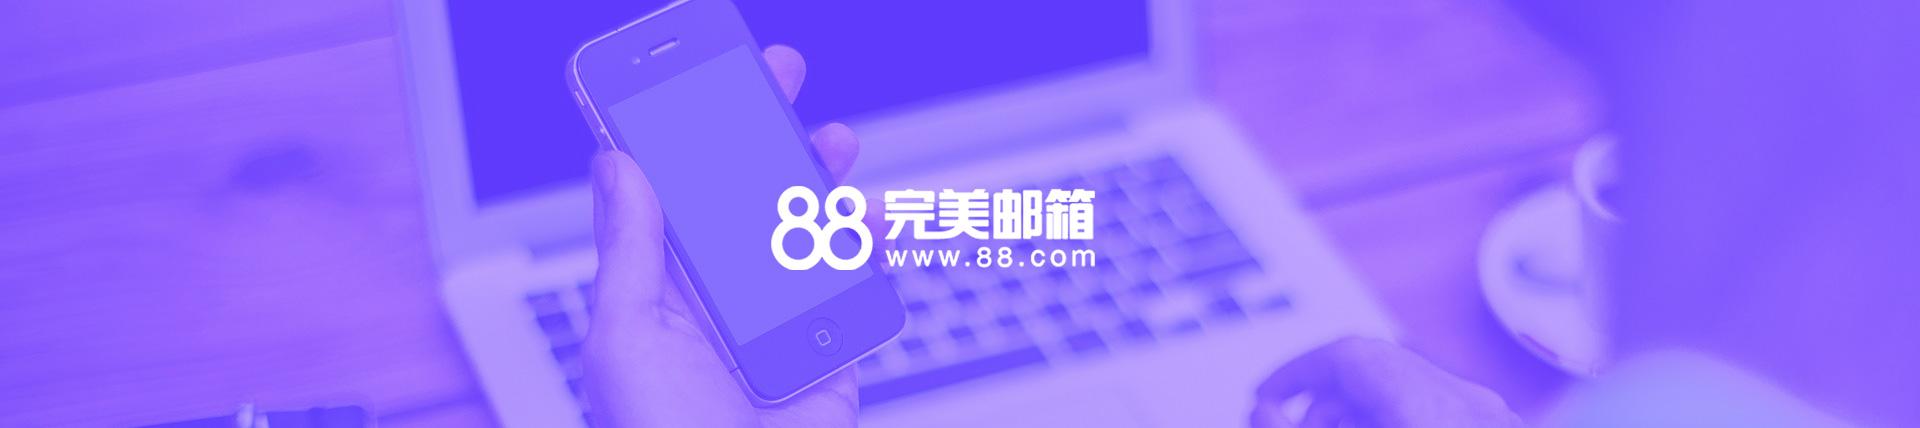 易名助力完美世界拿下超级域名,88.com正式官宣!